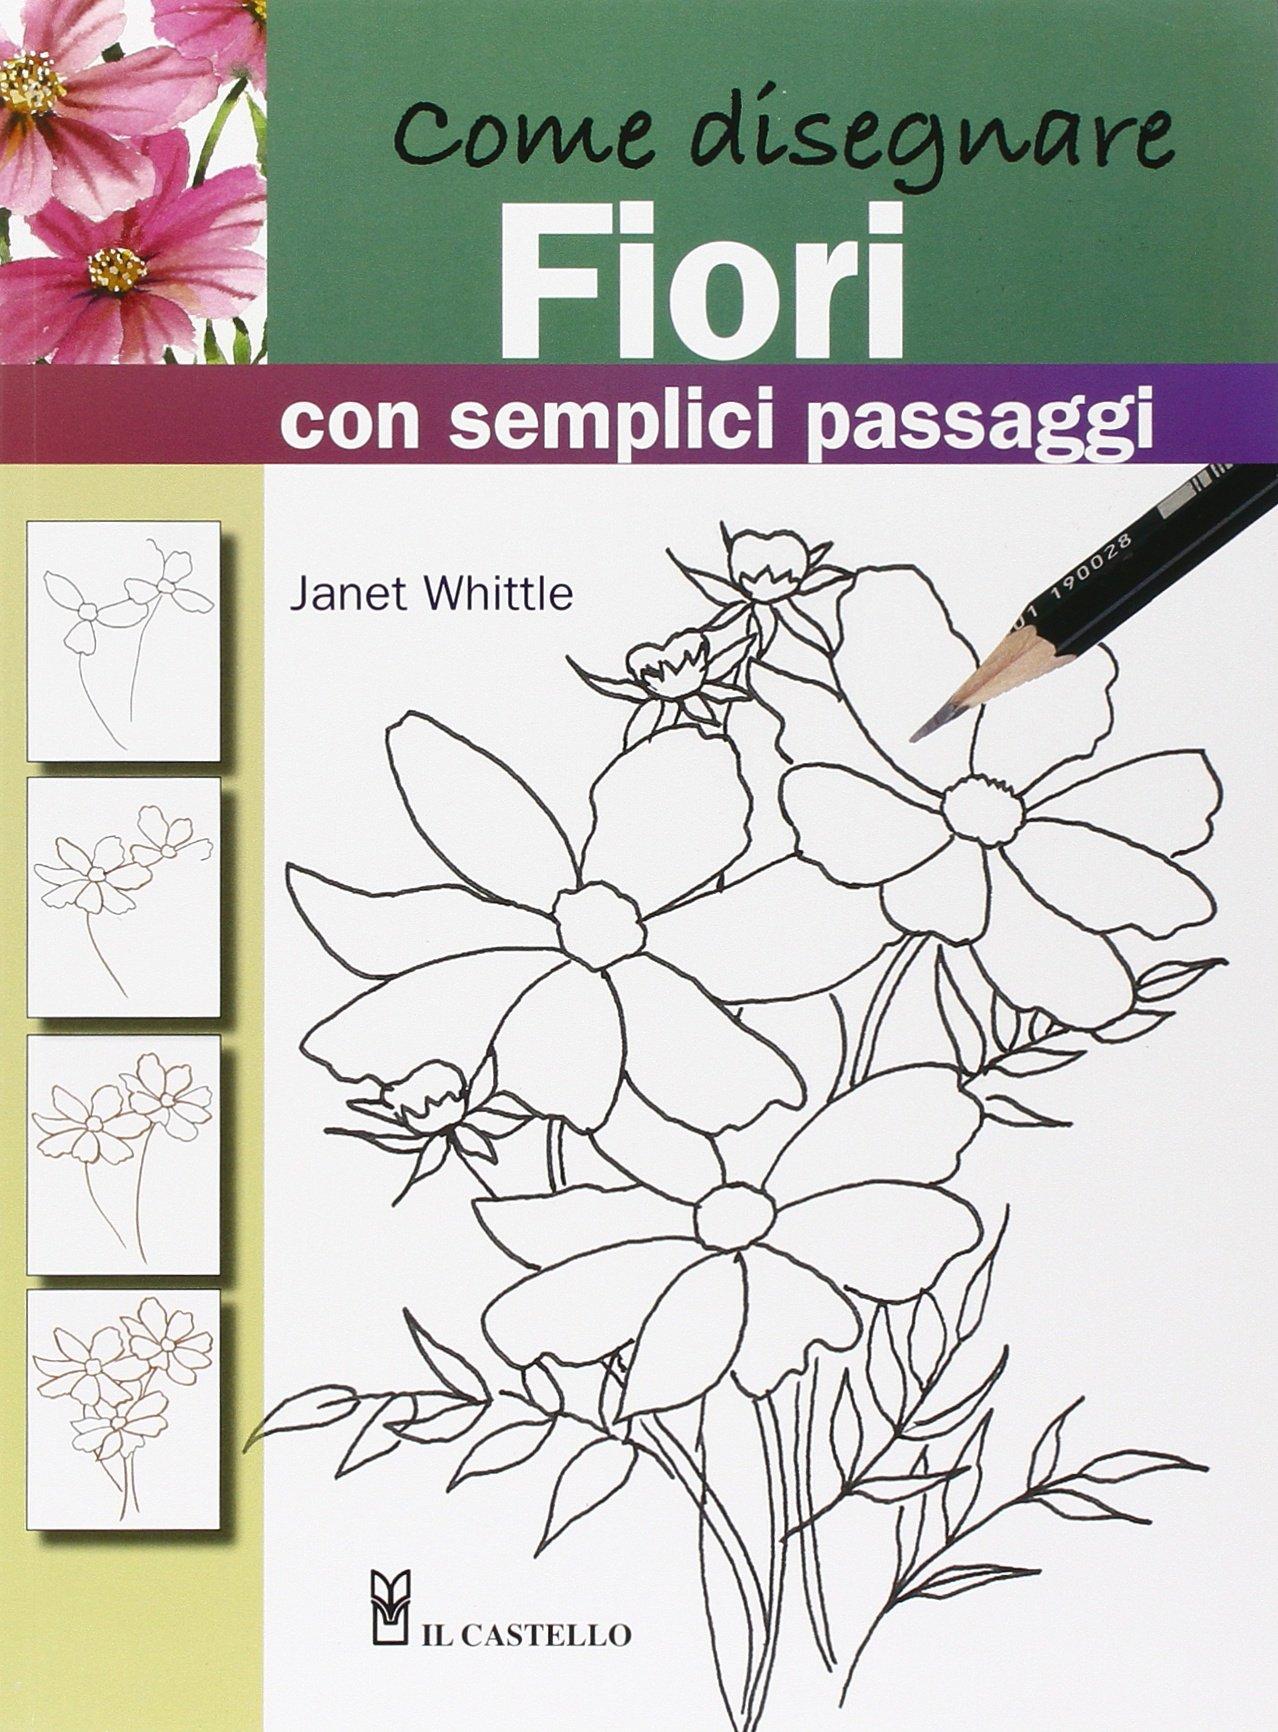 Fiori Facili Da Disegnare.Come Disegnare Fiori Con Semplici Passaggi Janet Whittle